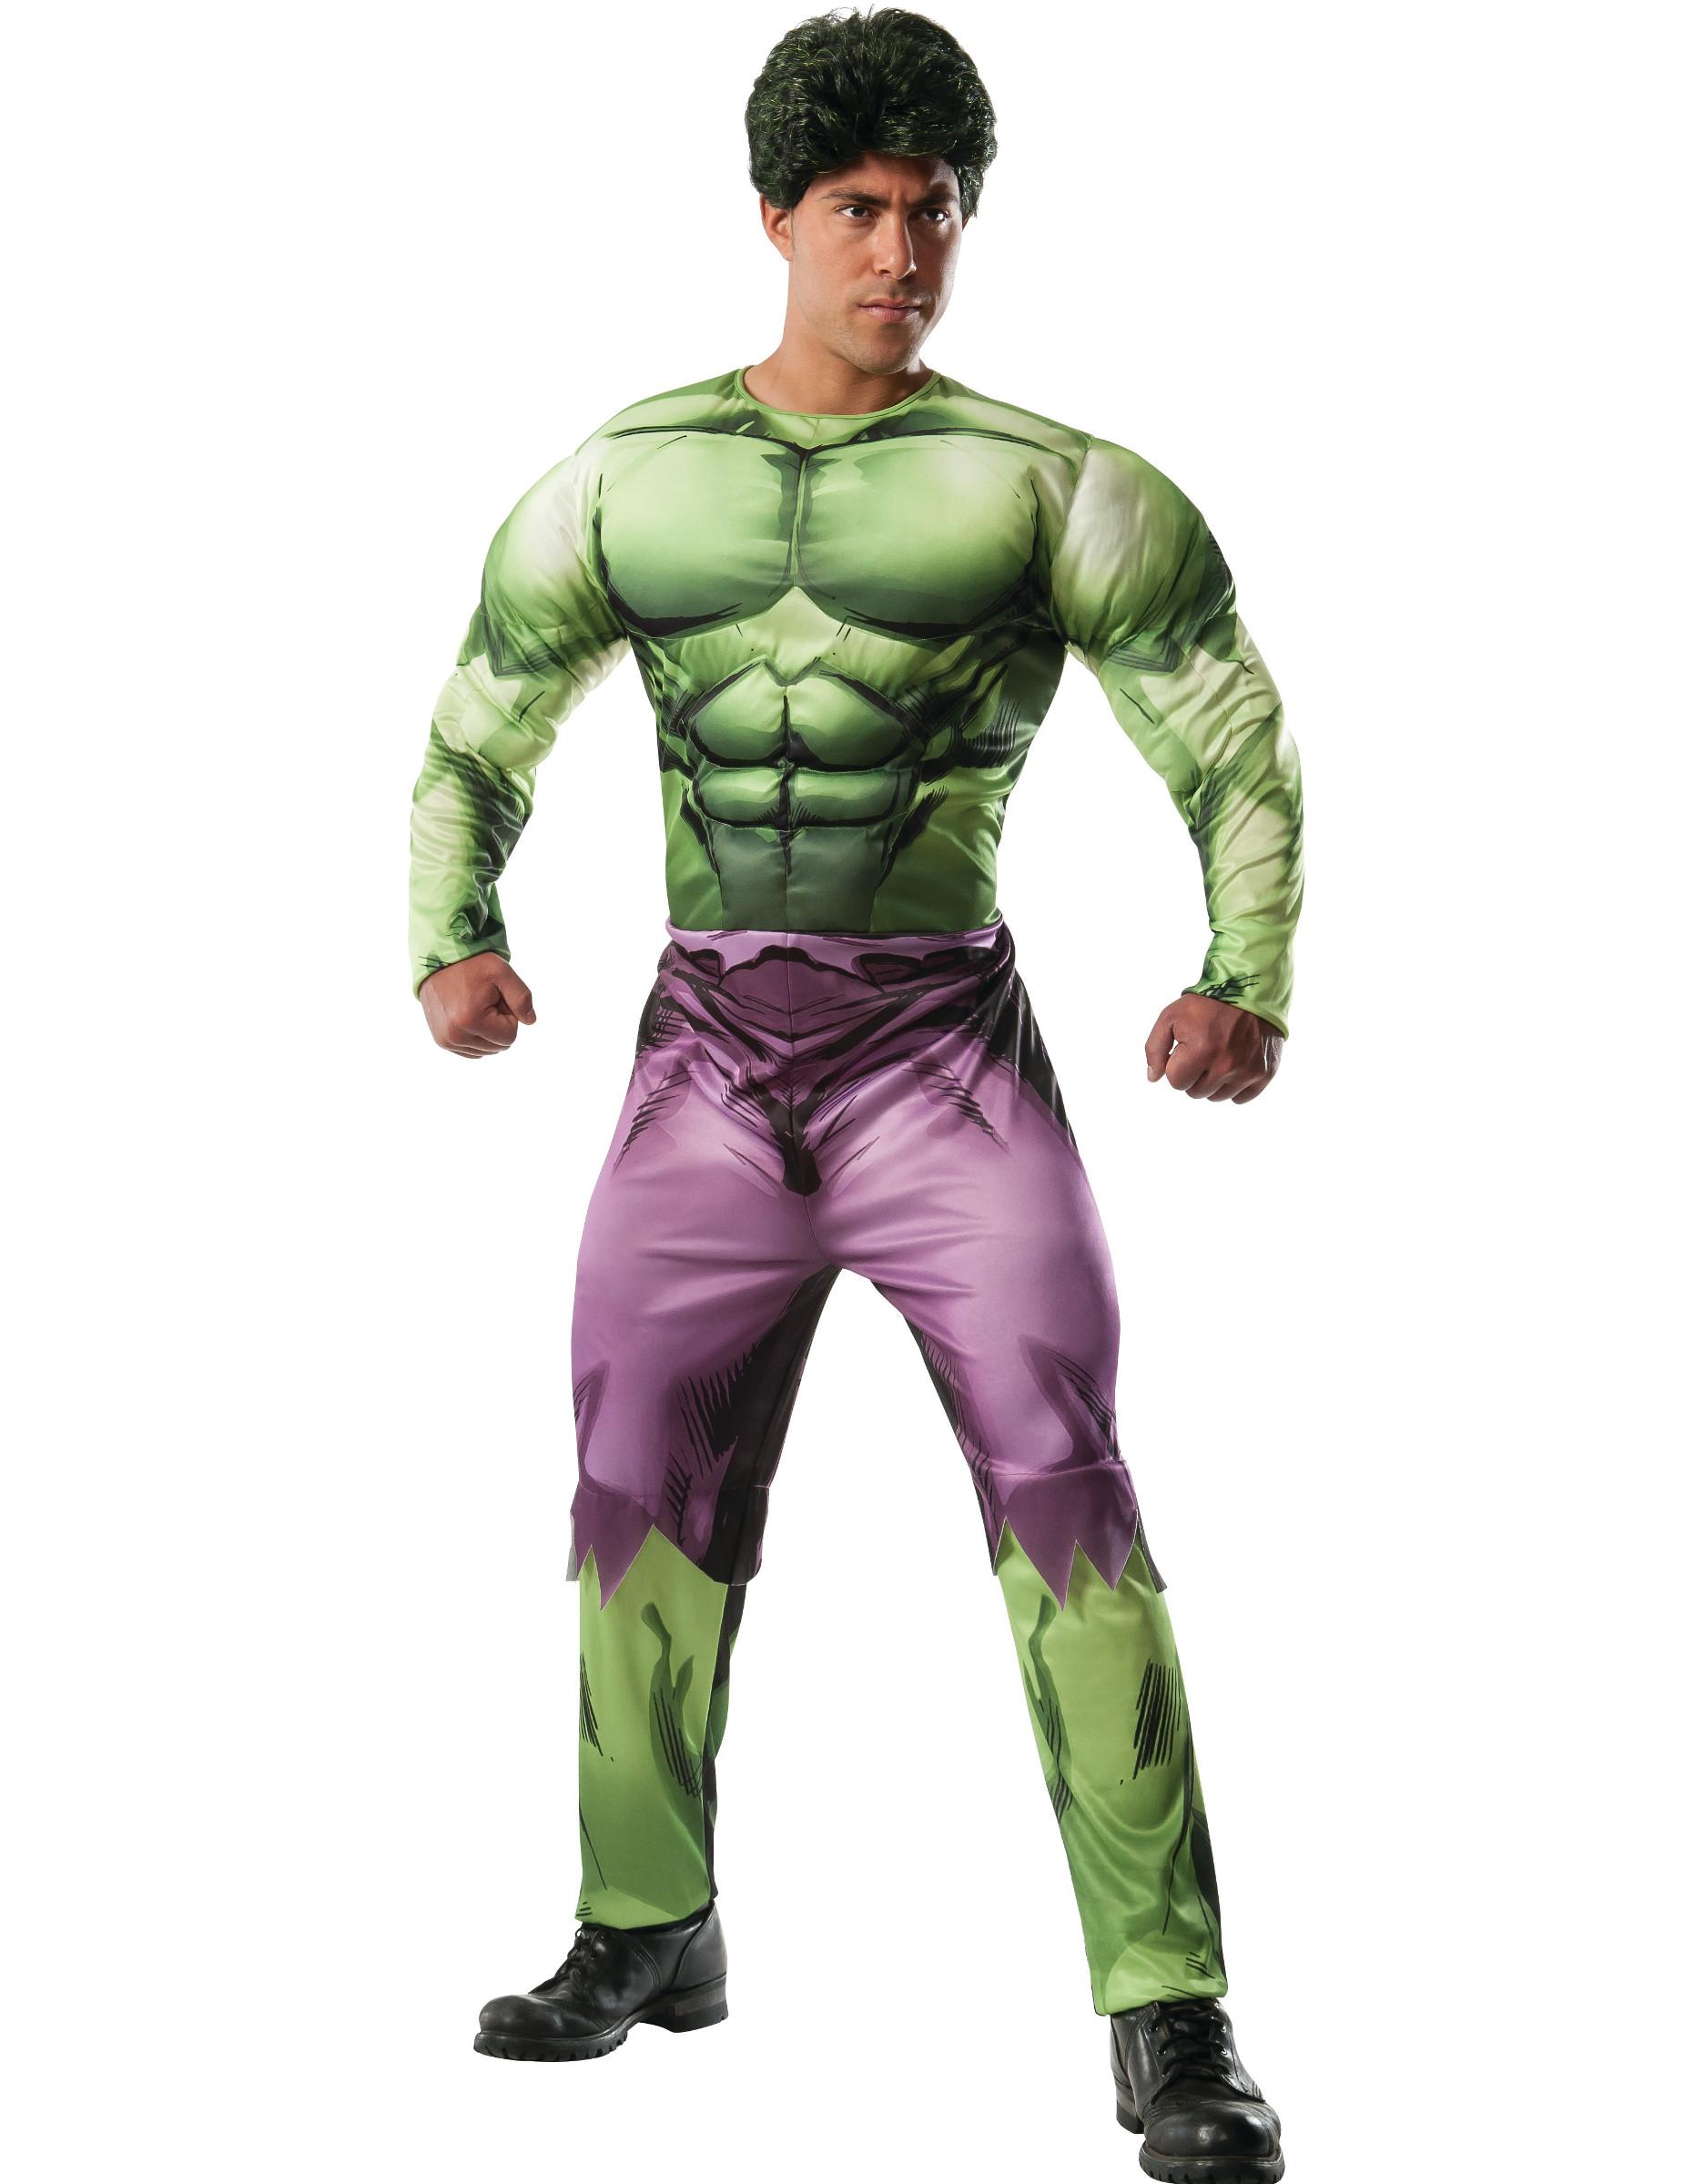 Costume deluxe hulk™ muscoloso per adulto costumi adulti e